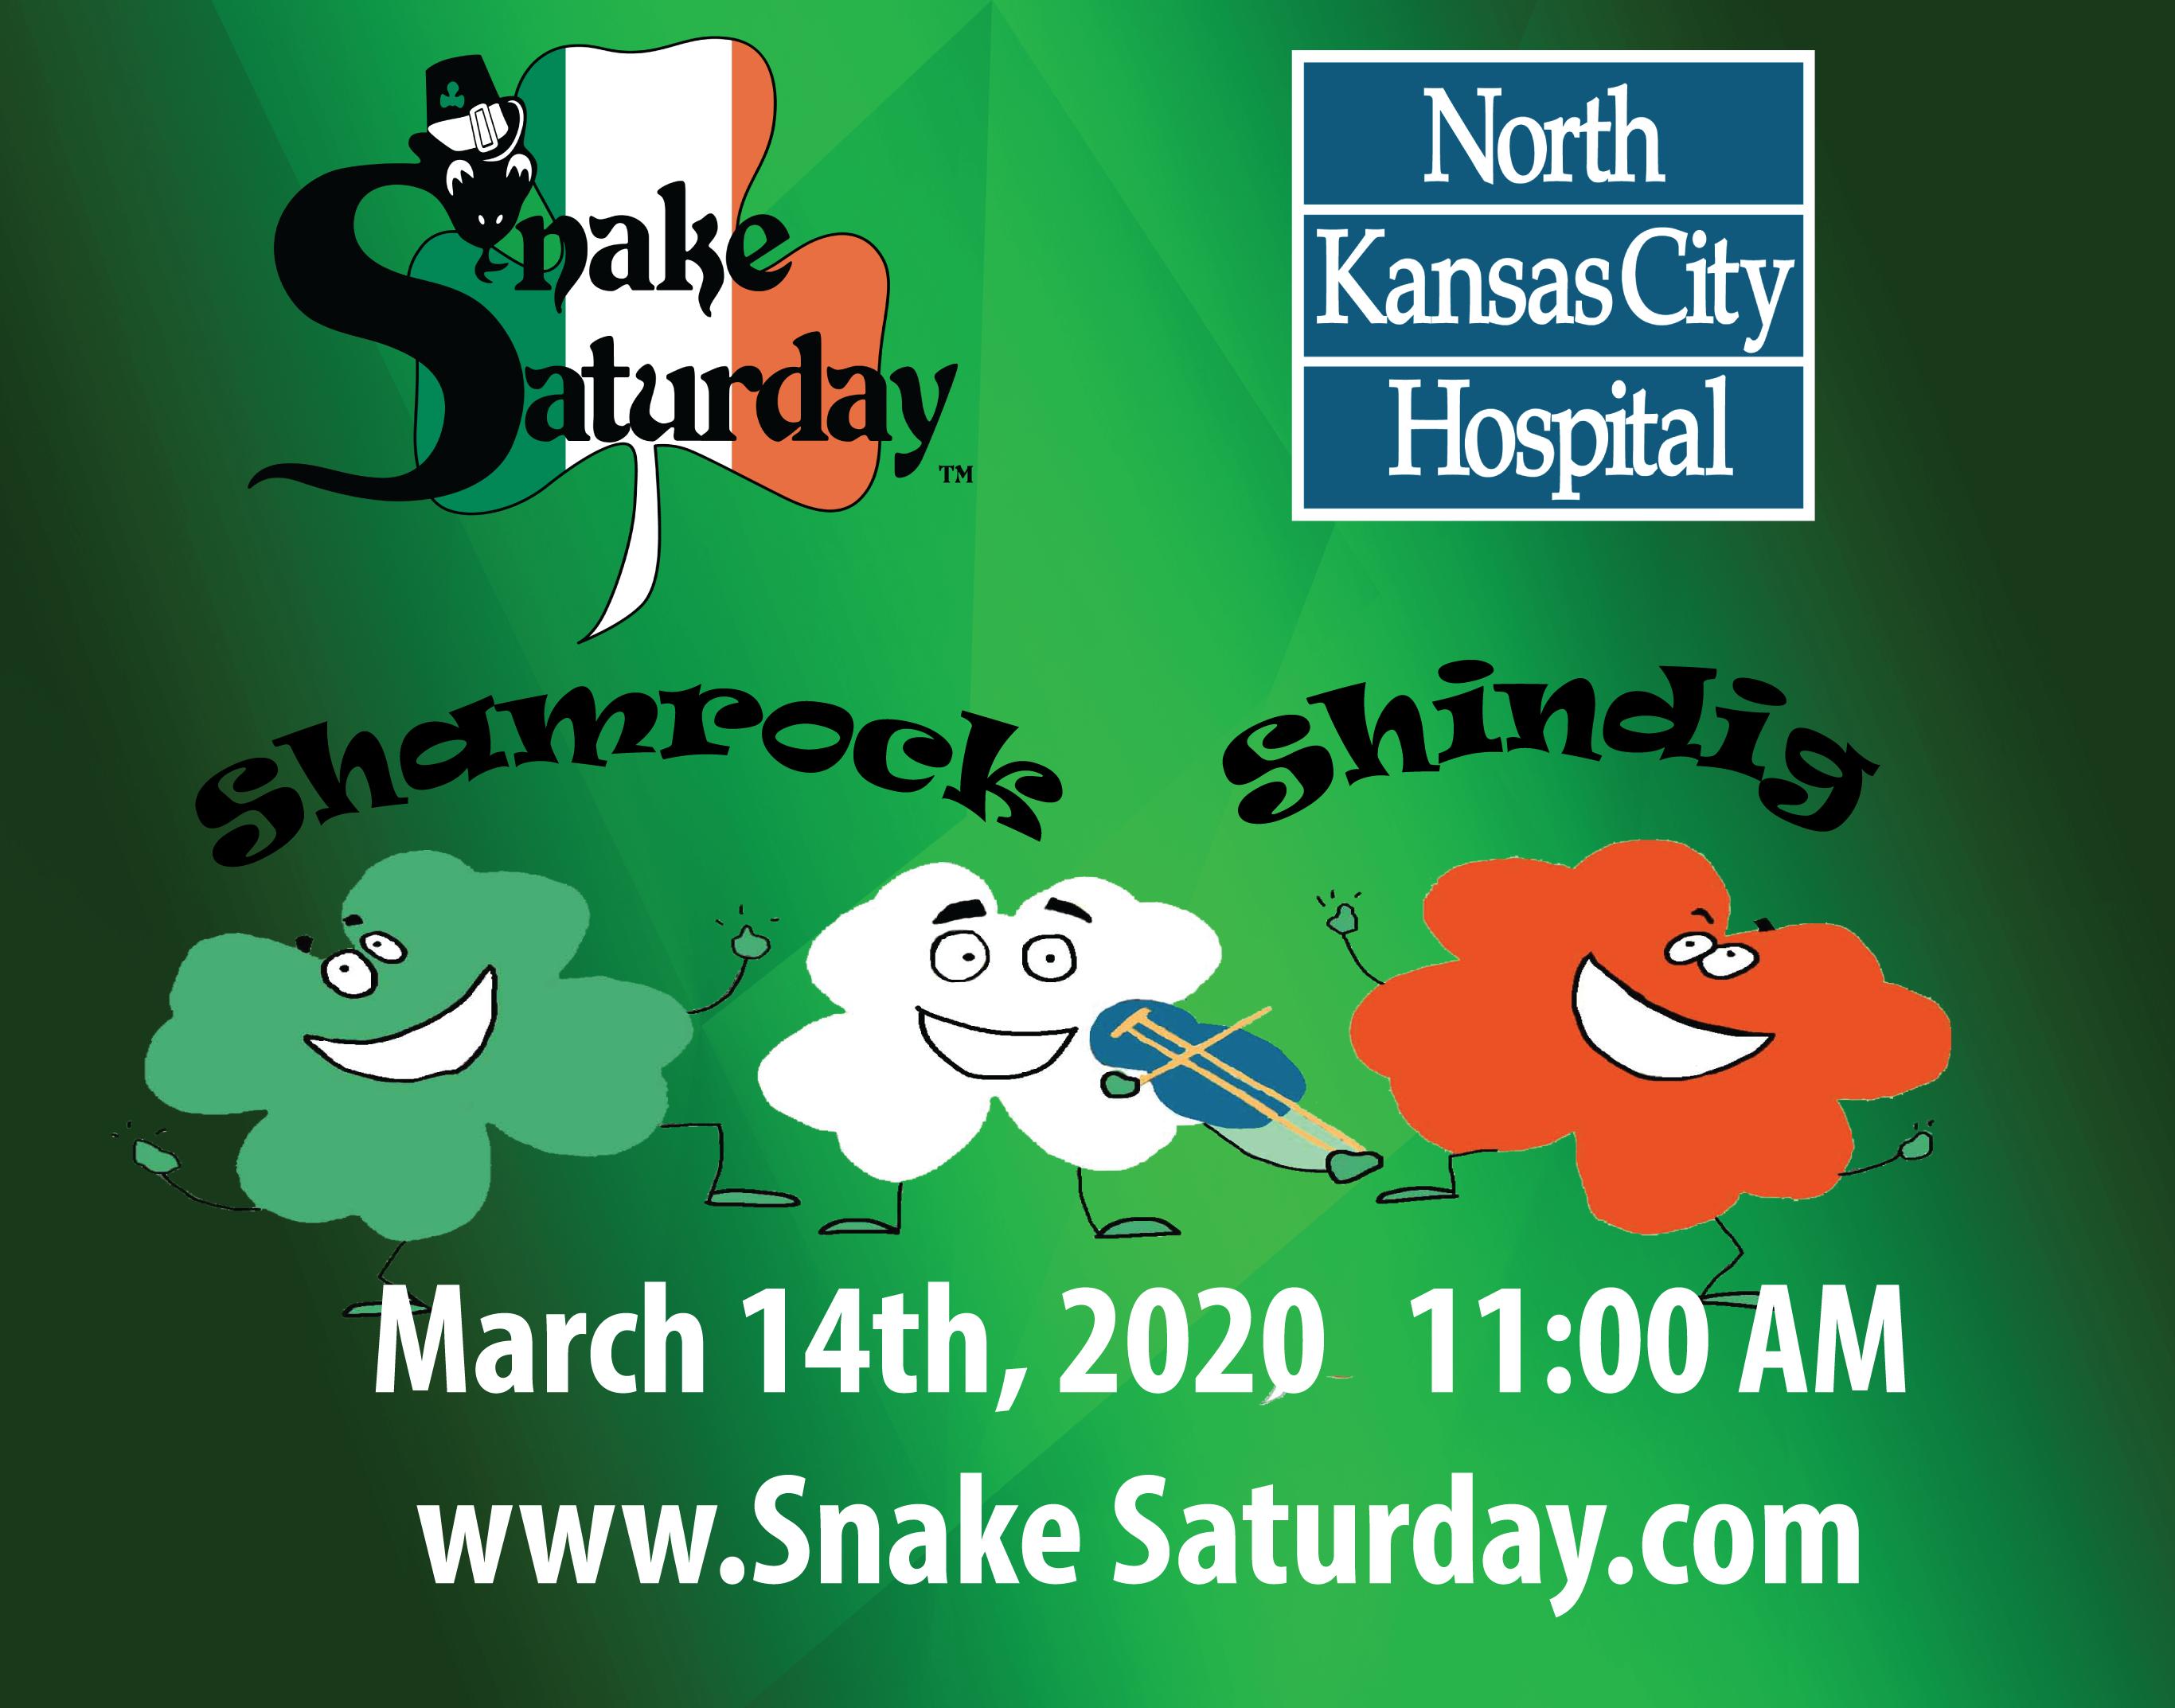 Snake Saturday NEW